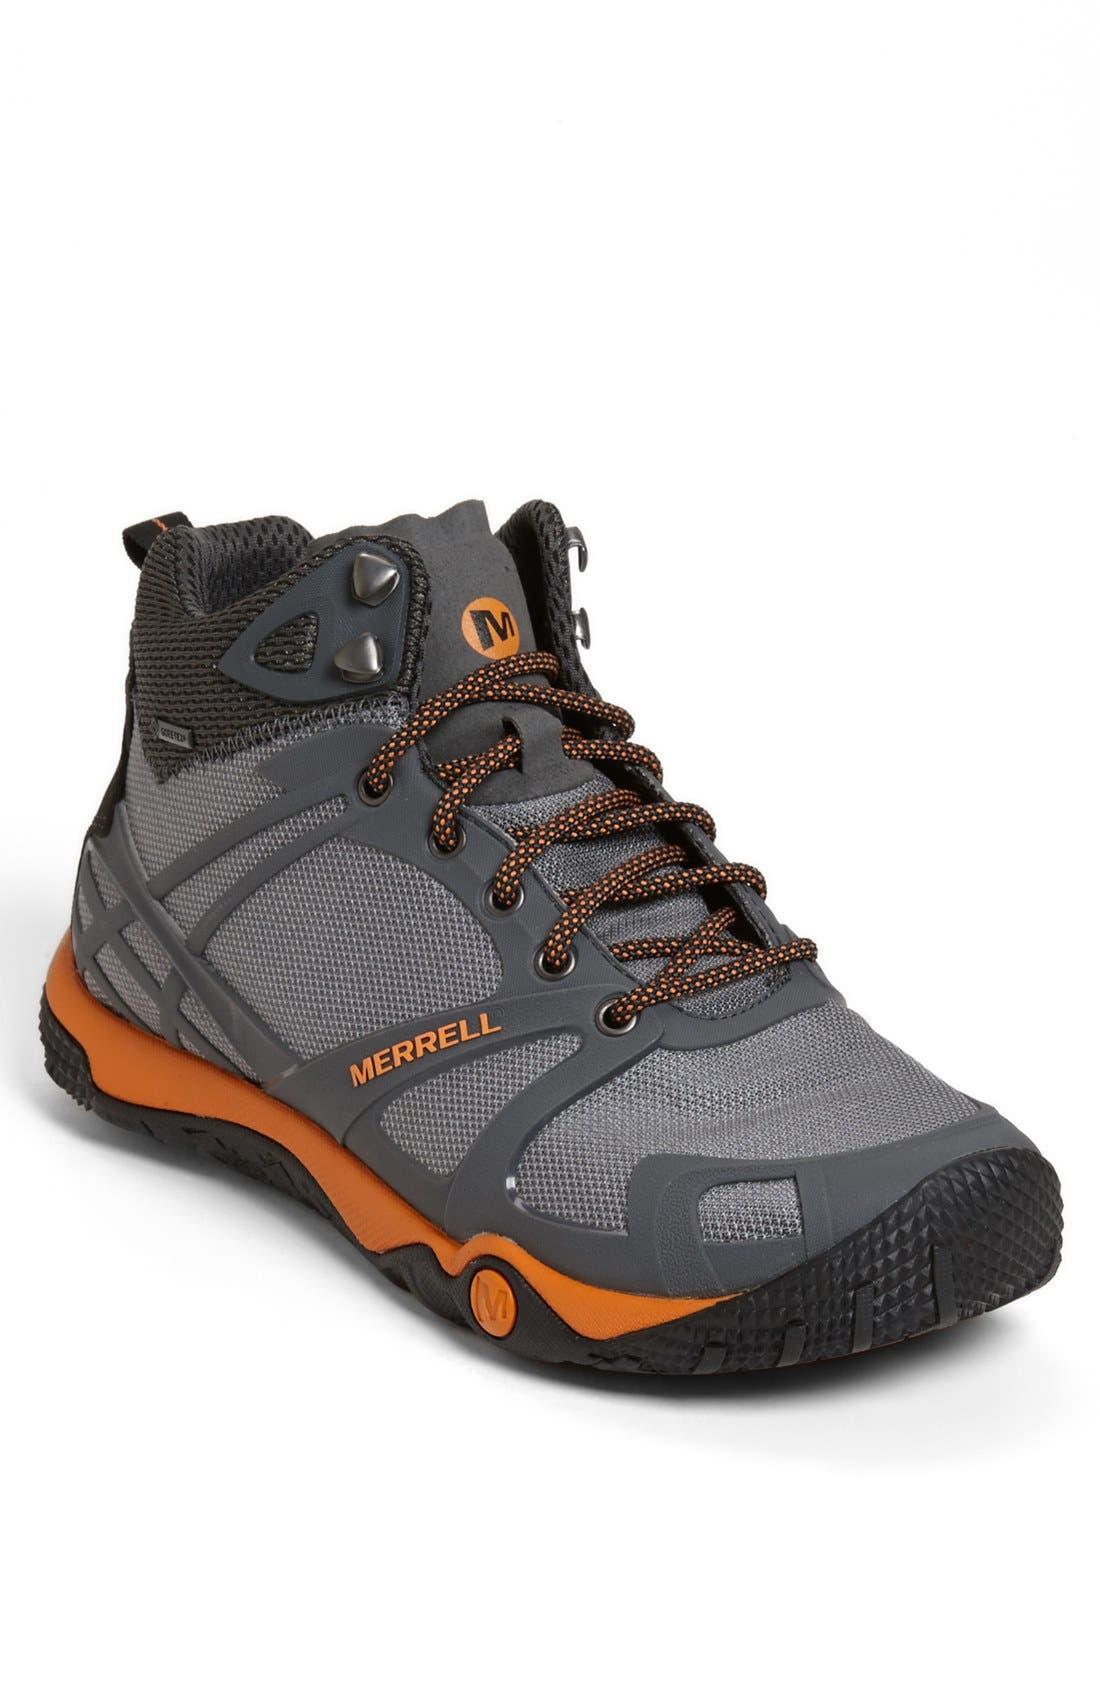 Main Image - Merrell 'Proterra Mid Sport' Waterproof Hiking Boot (Men)